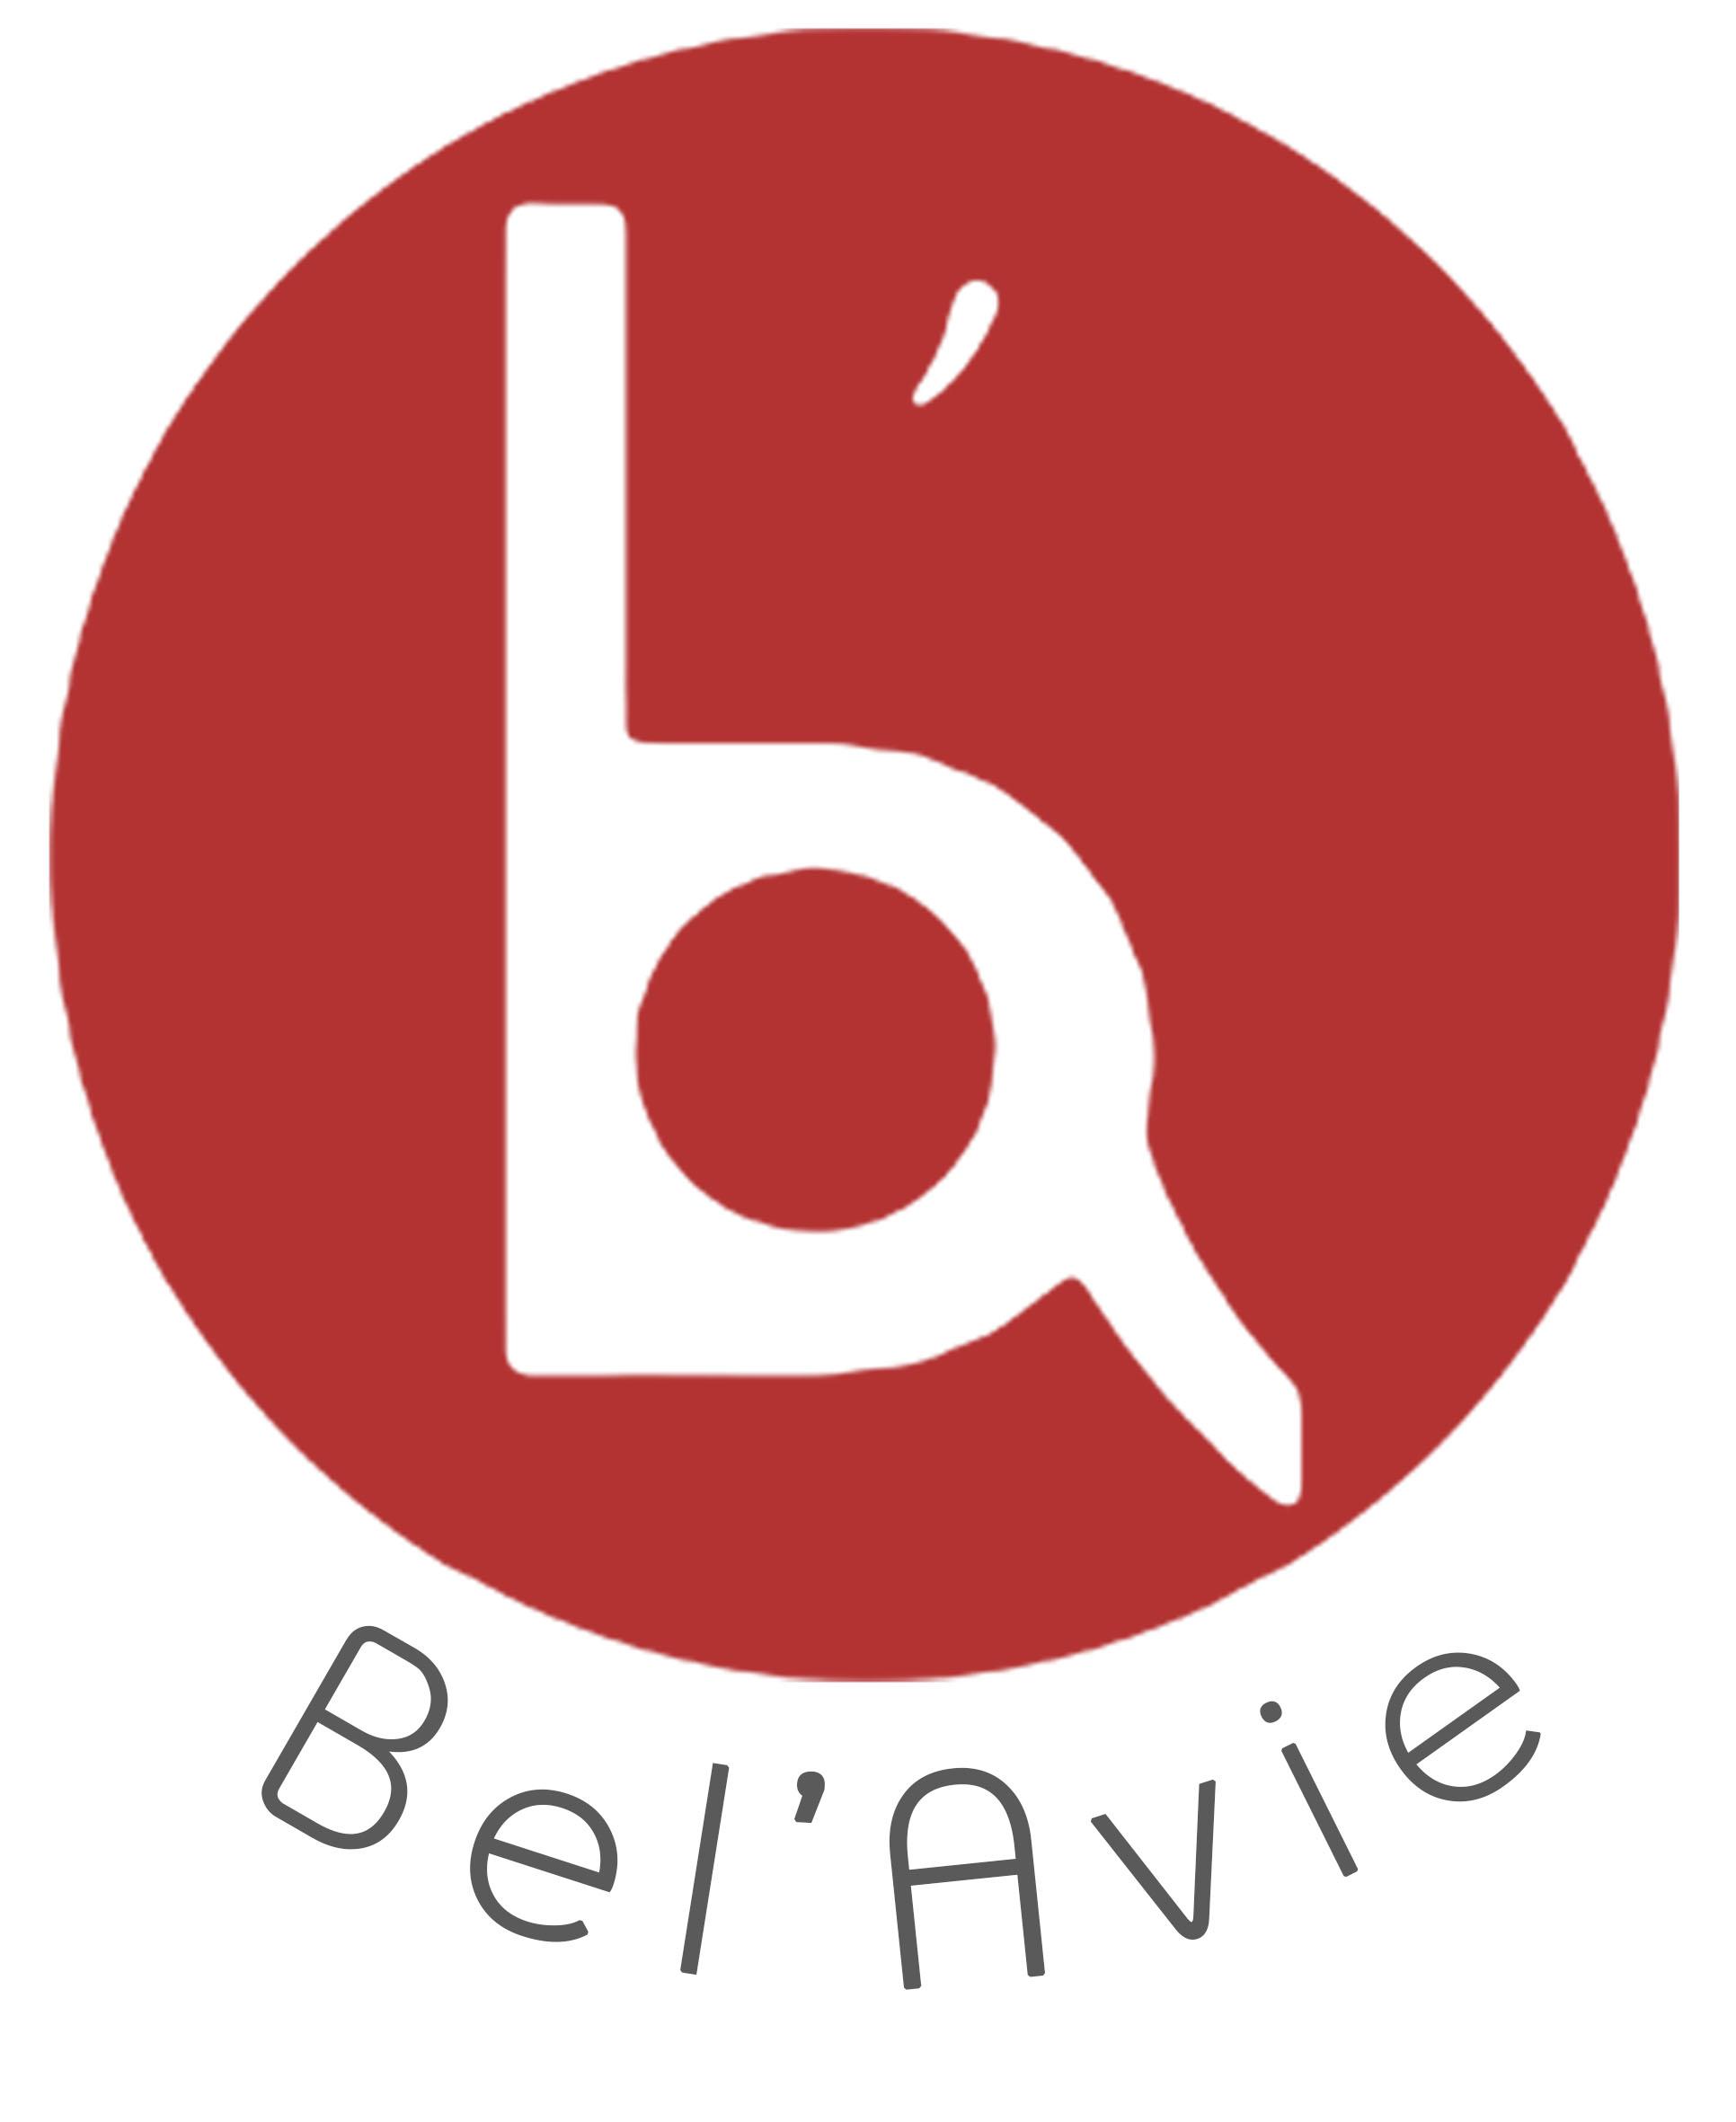 BEL AVIE